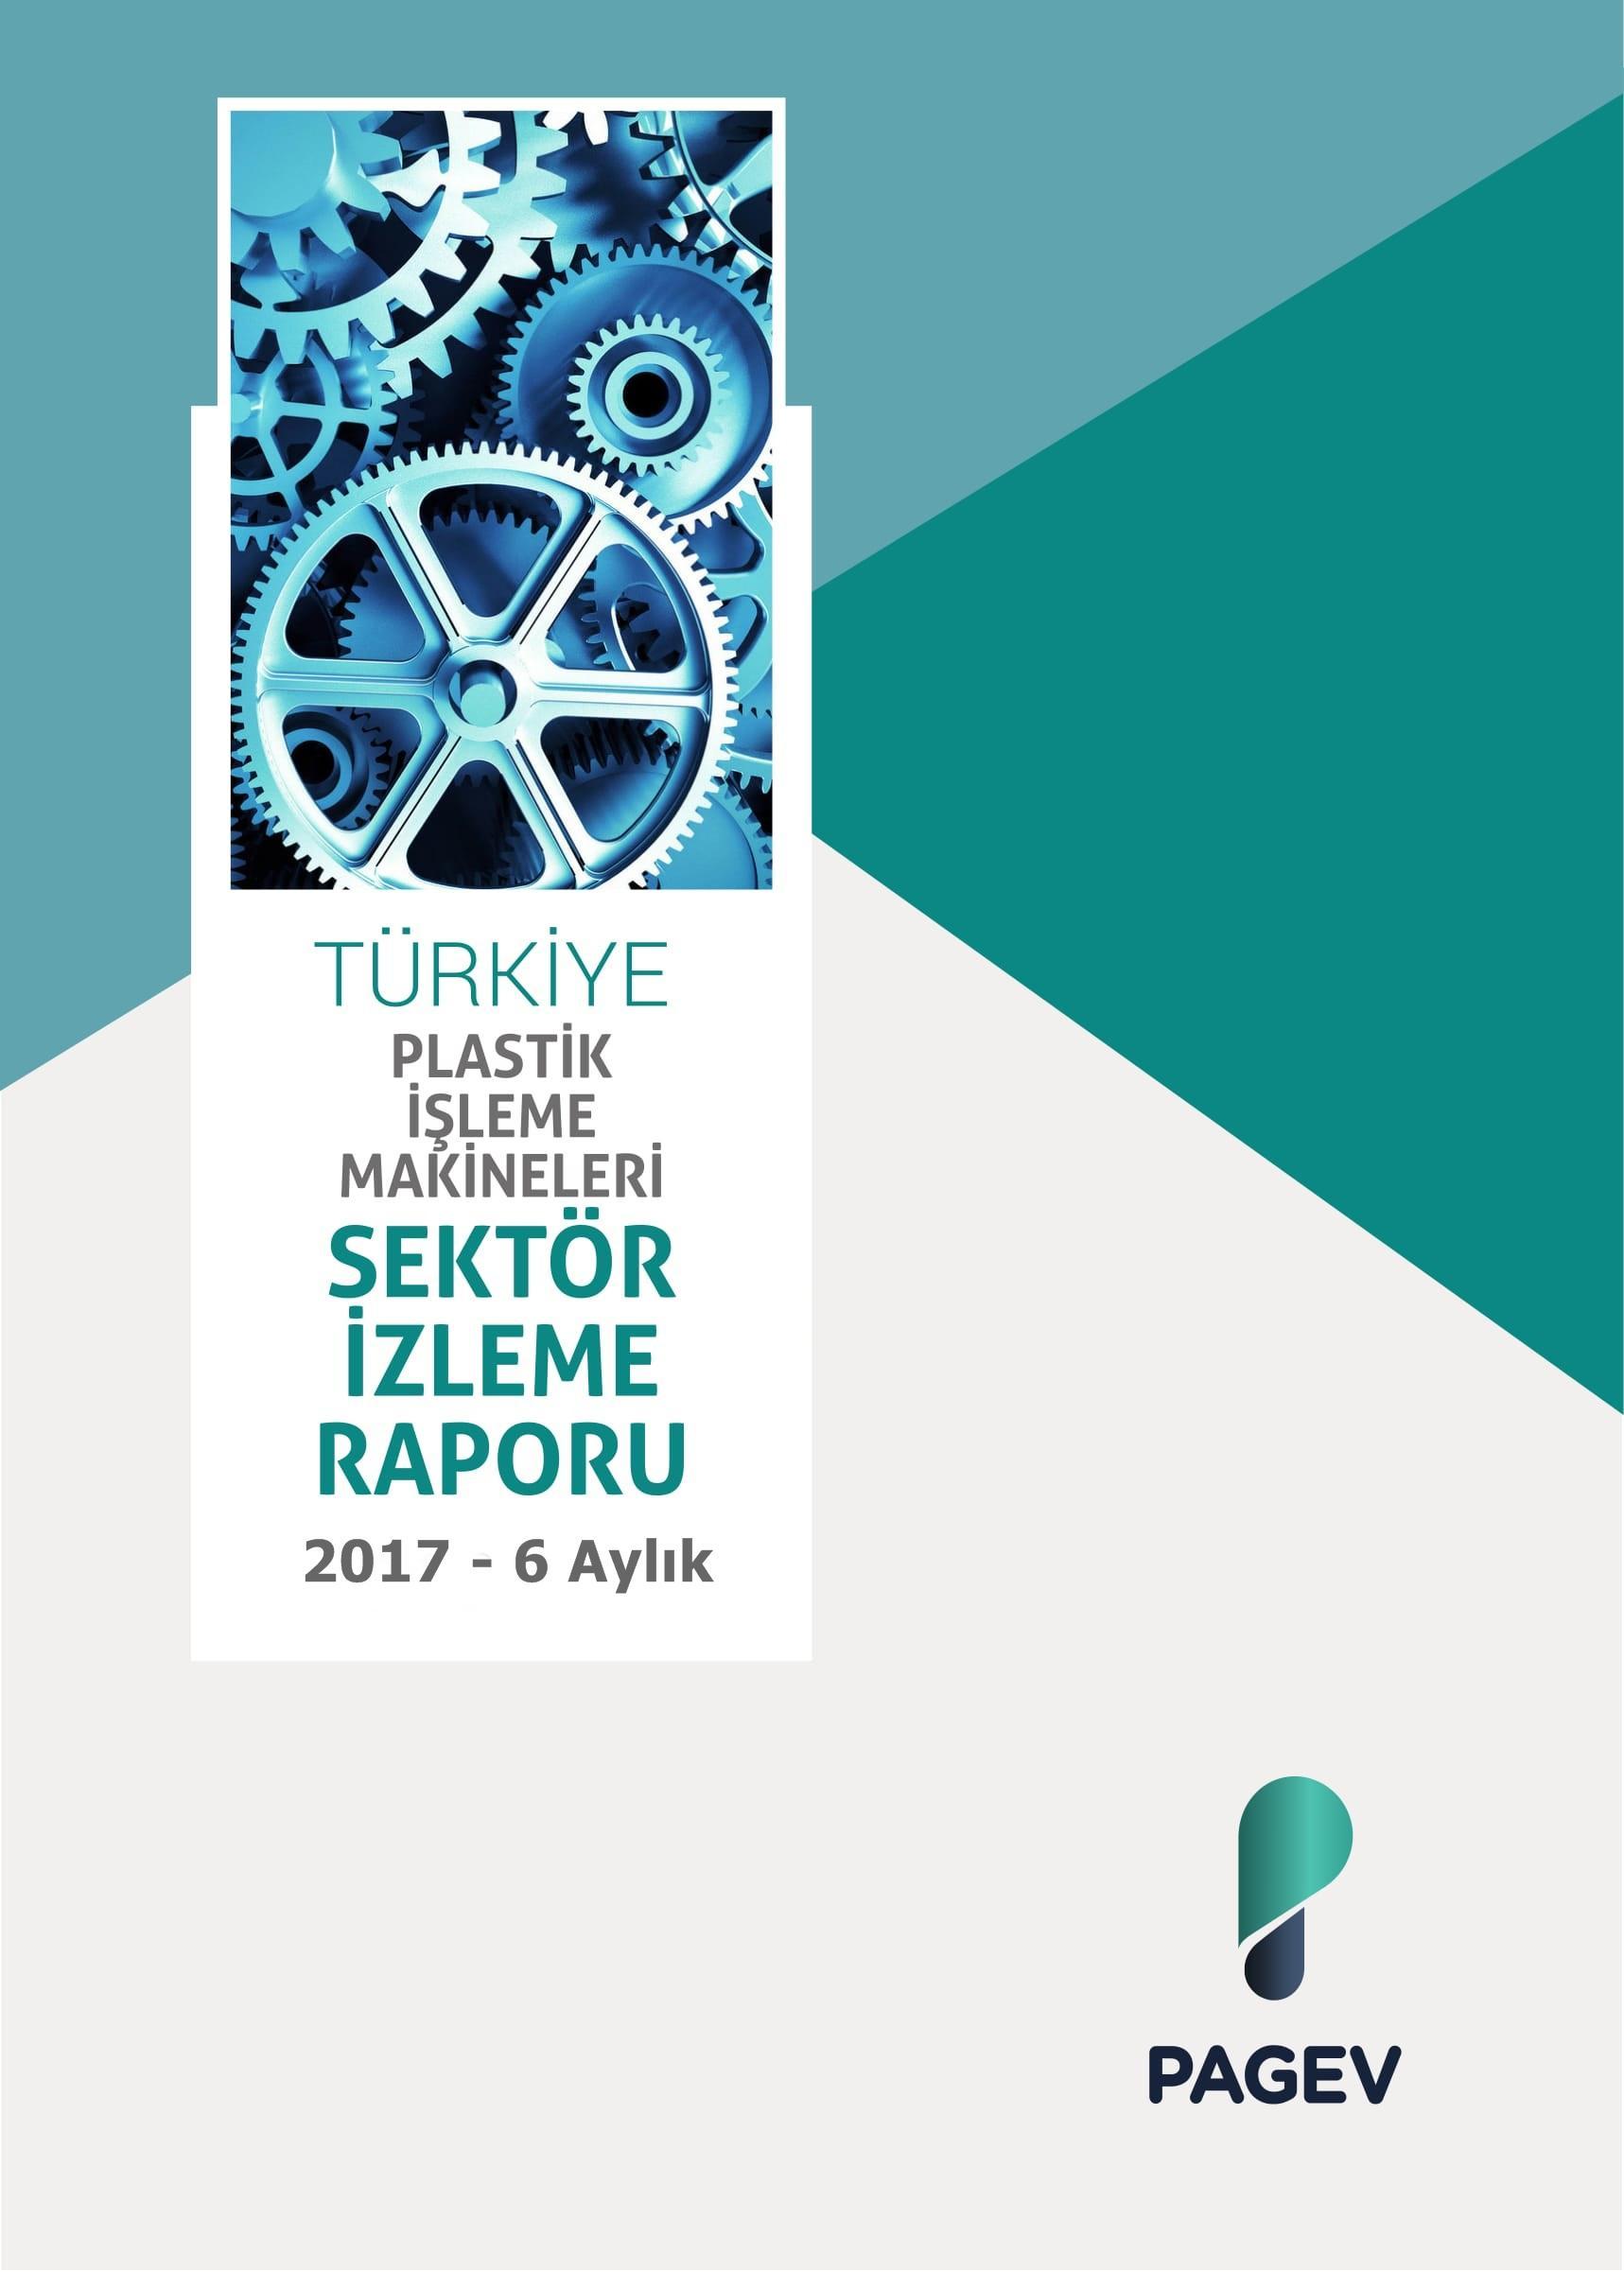 Türkiye Plastik İşleme Makinaları Sektör İzleme Raporu 2017/6 Aylık